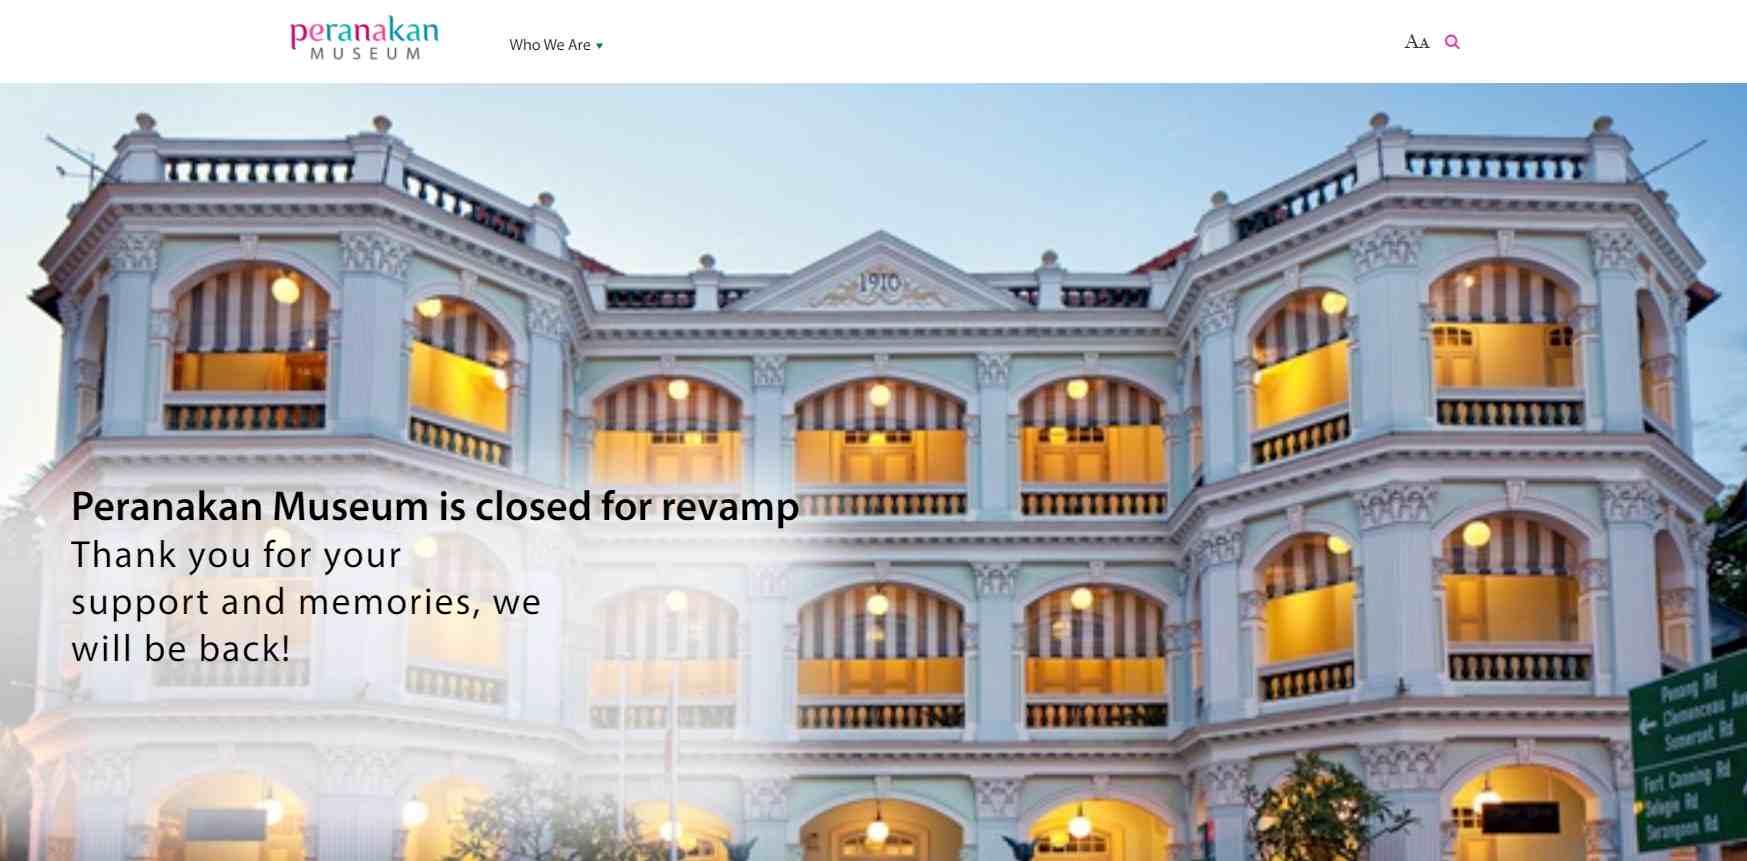 peranakan Top Museums in Singapore